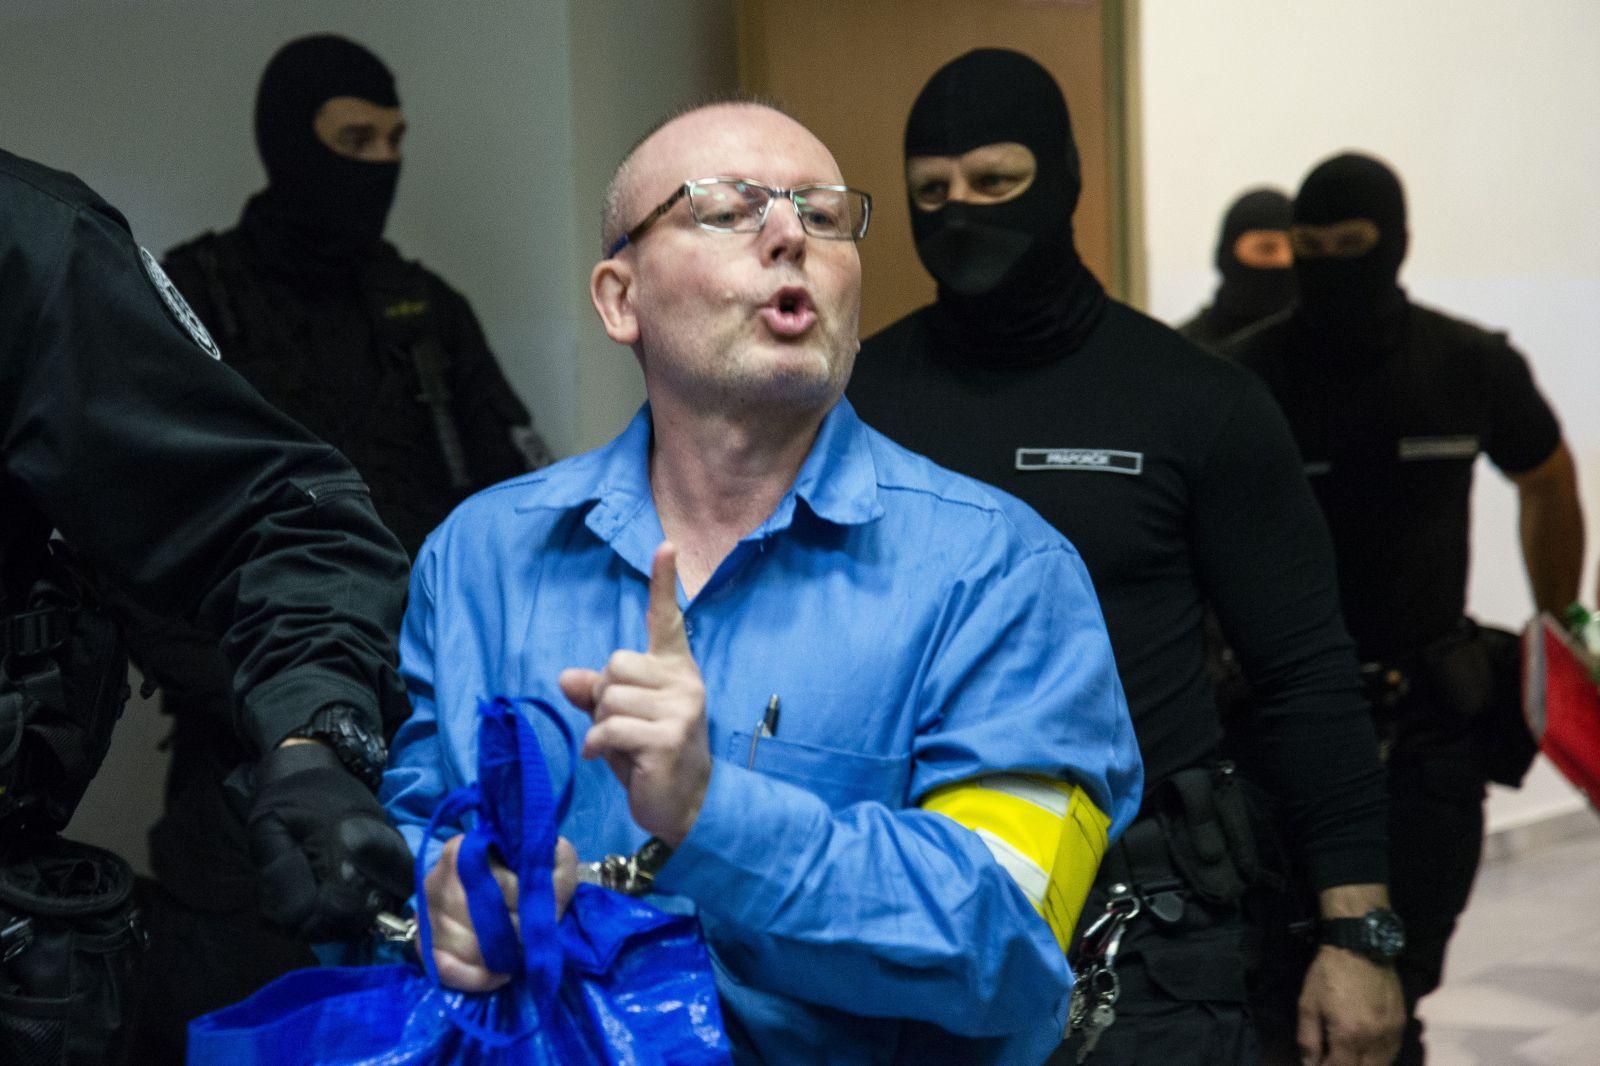 Róbert Lališ na súde z roku 2019, vypovedal v prípade objednávky vraždy Sylvie Volzovej, spoločníčky bývalého riaditeľa TV Markíza Pavla Ruska